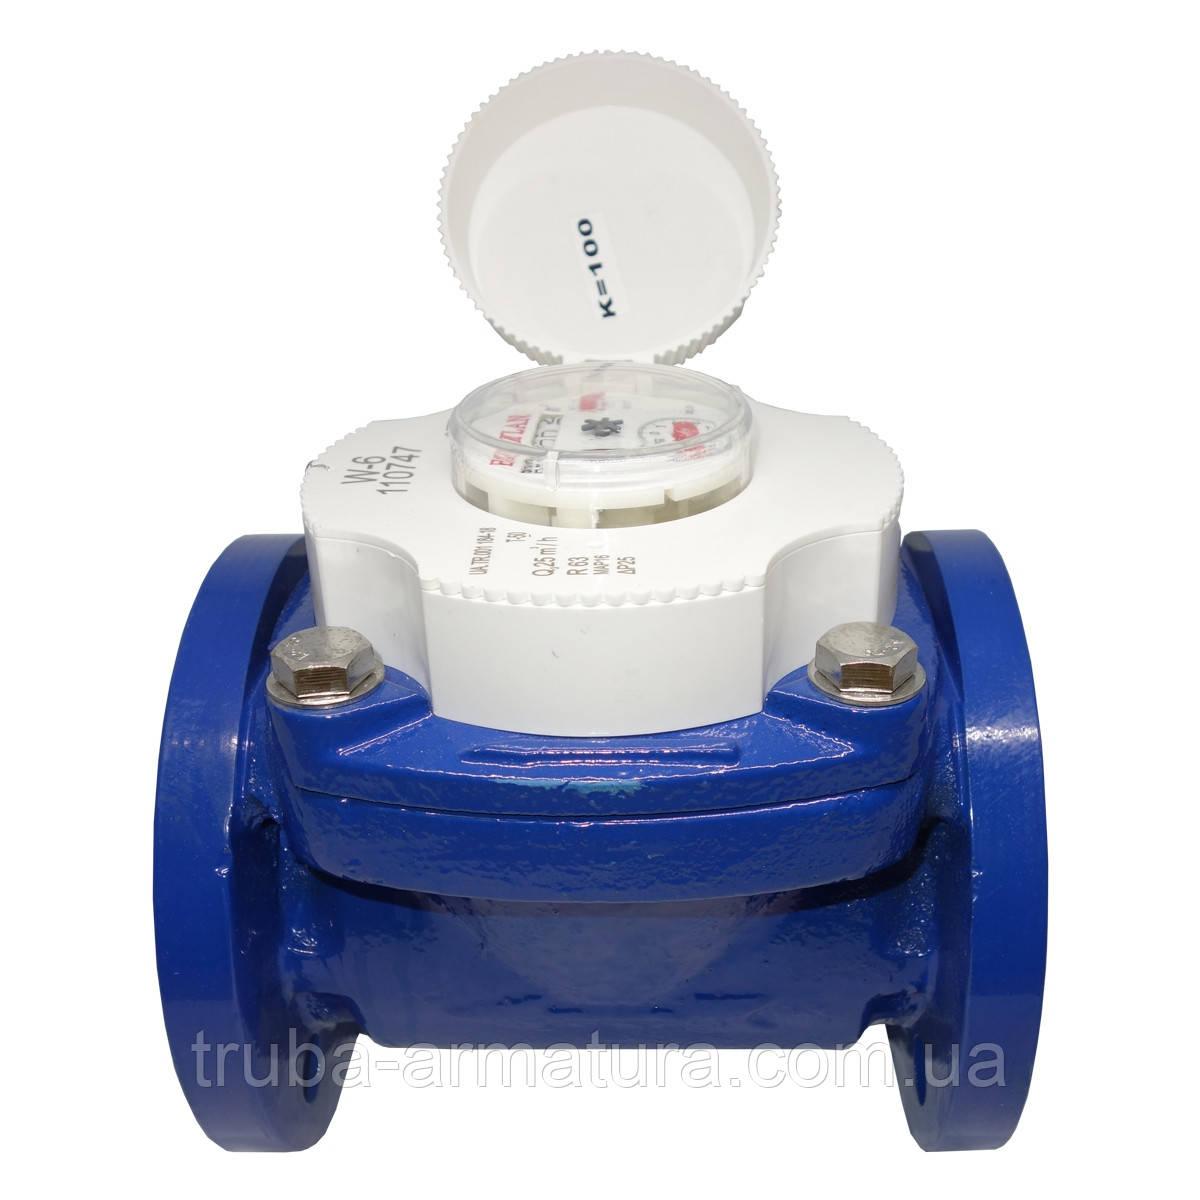 Счетчик воды турбинный фланцевый Baylan W-4 Ду 150